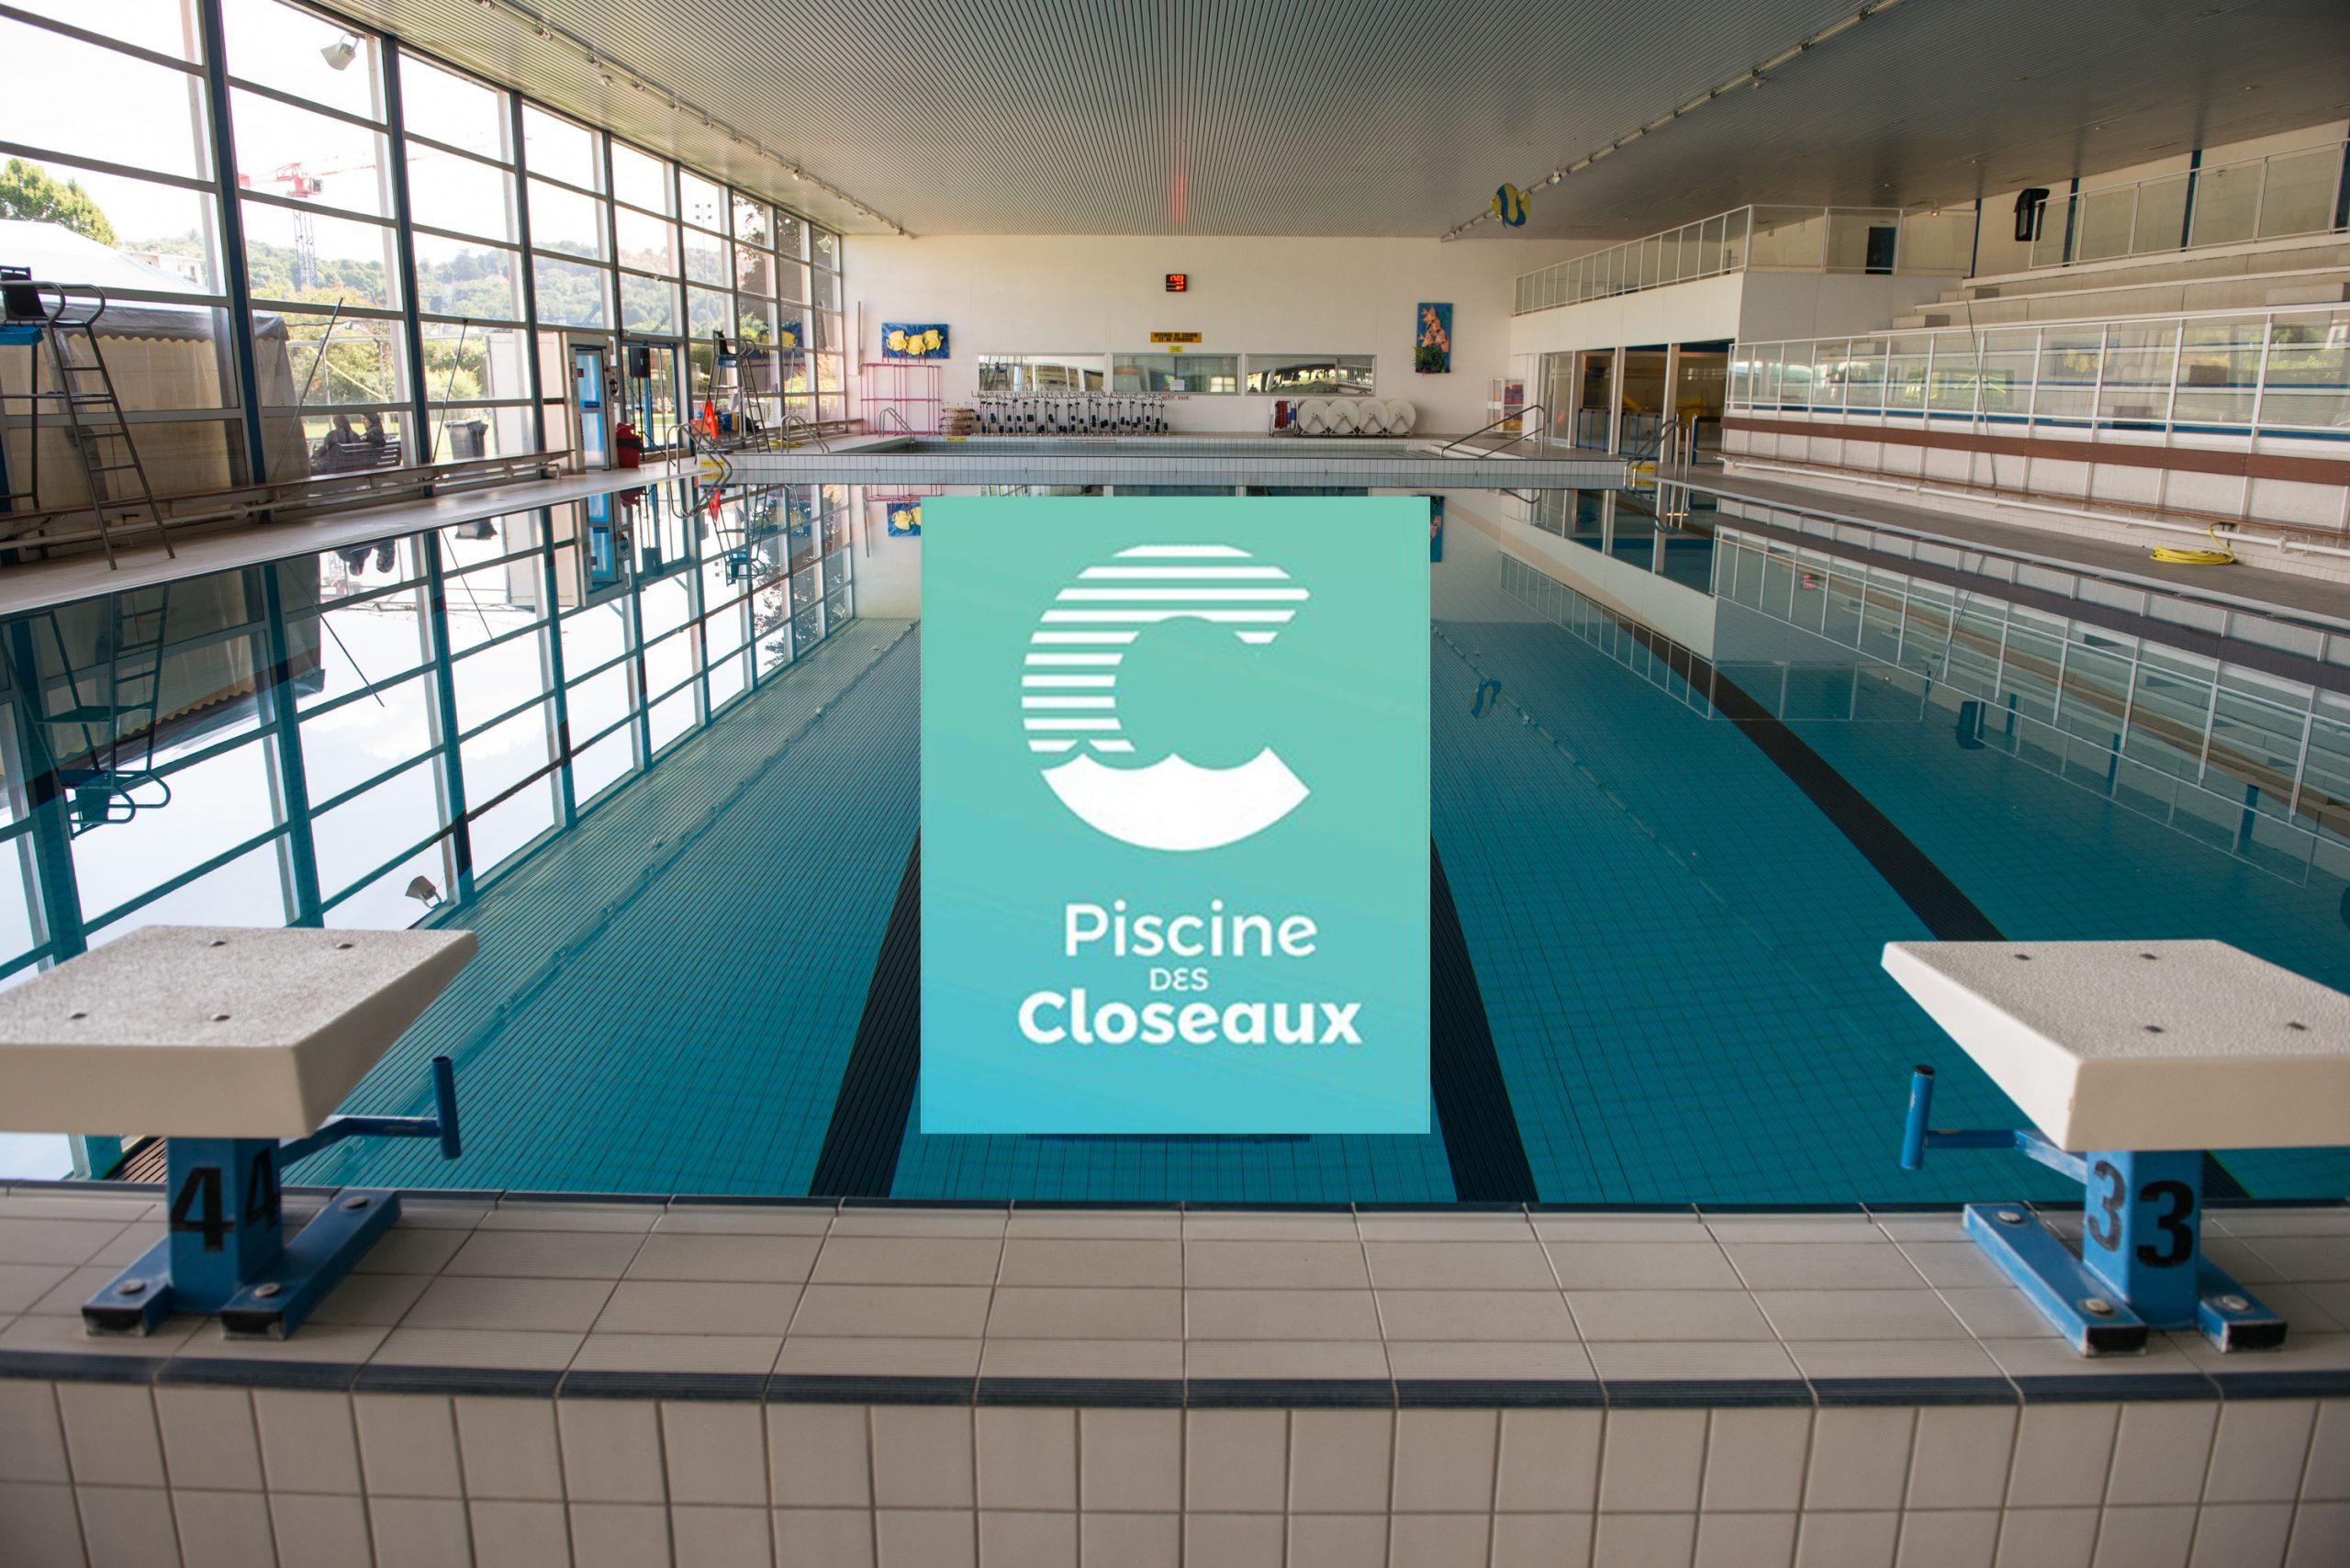 Une Nouvelle Gestion Pour La Piscine Des Closeaux | Ville De ... tout Piscine La Fleche